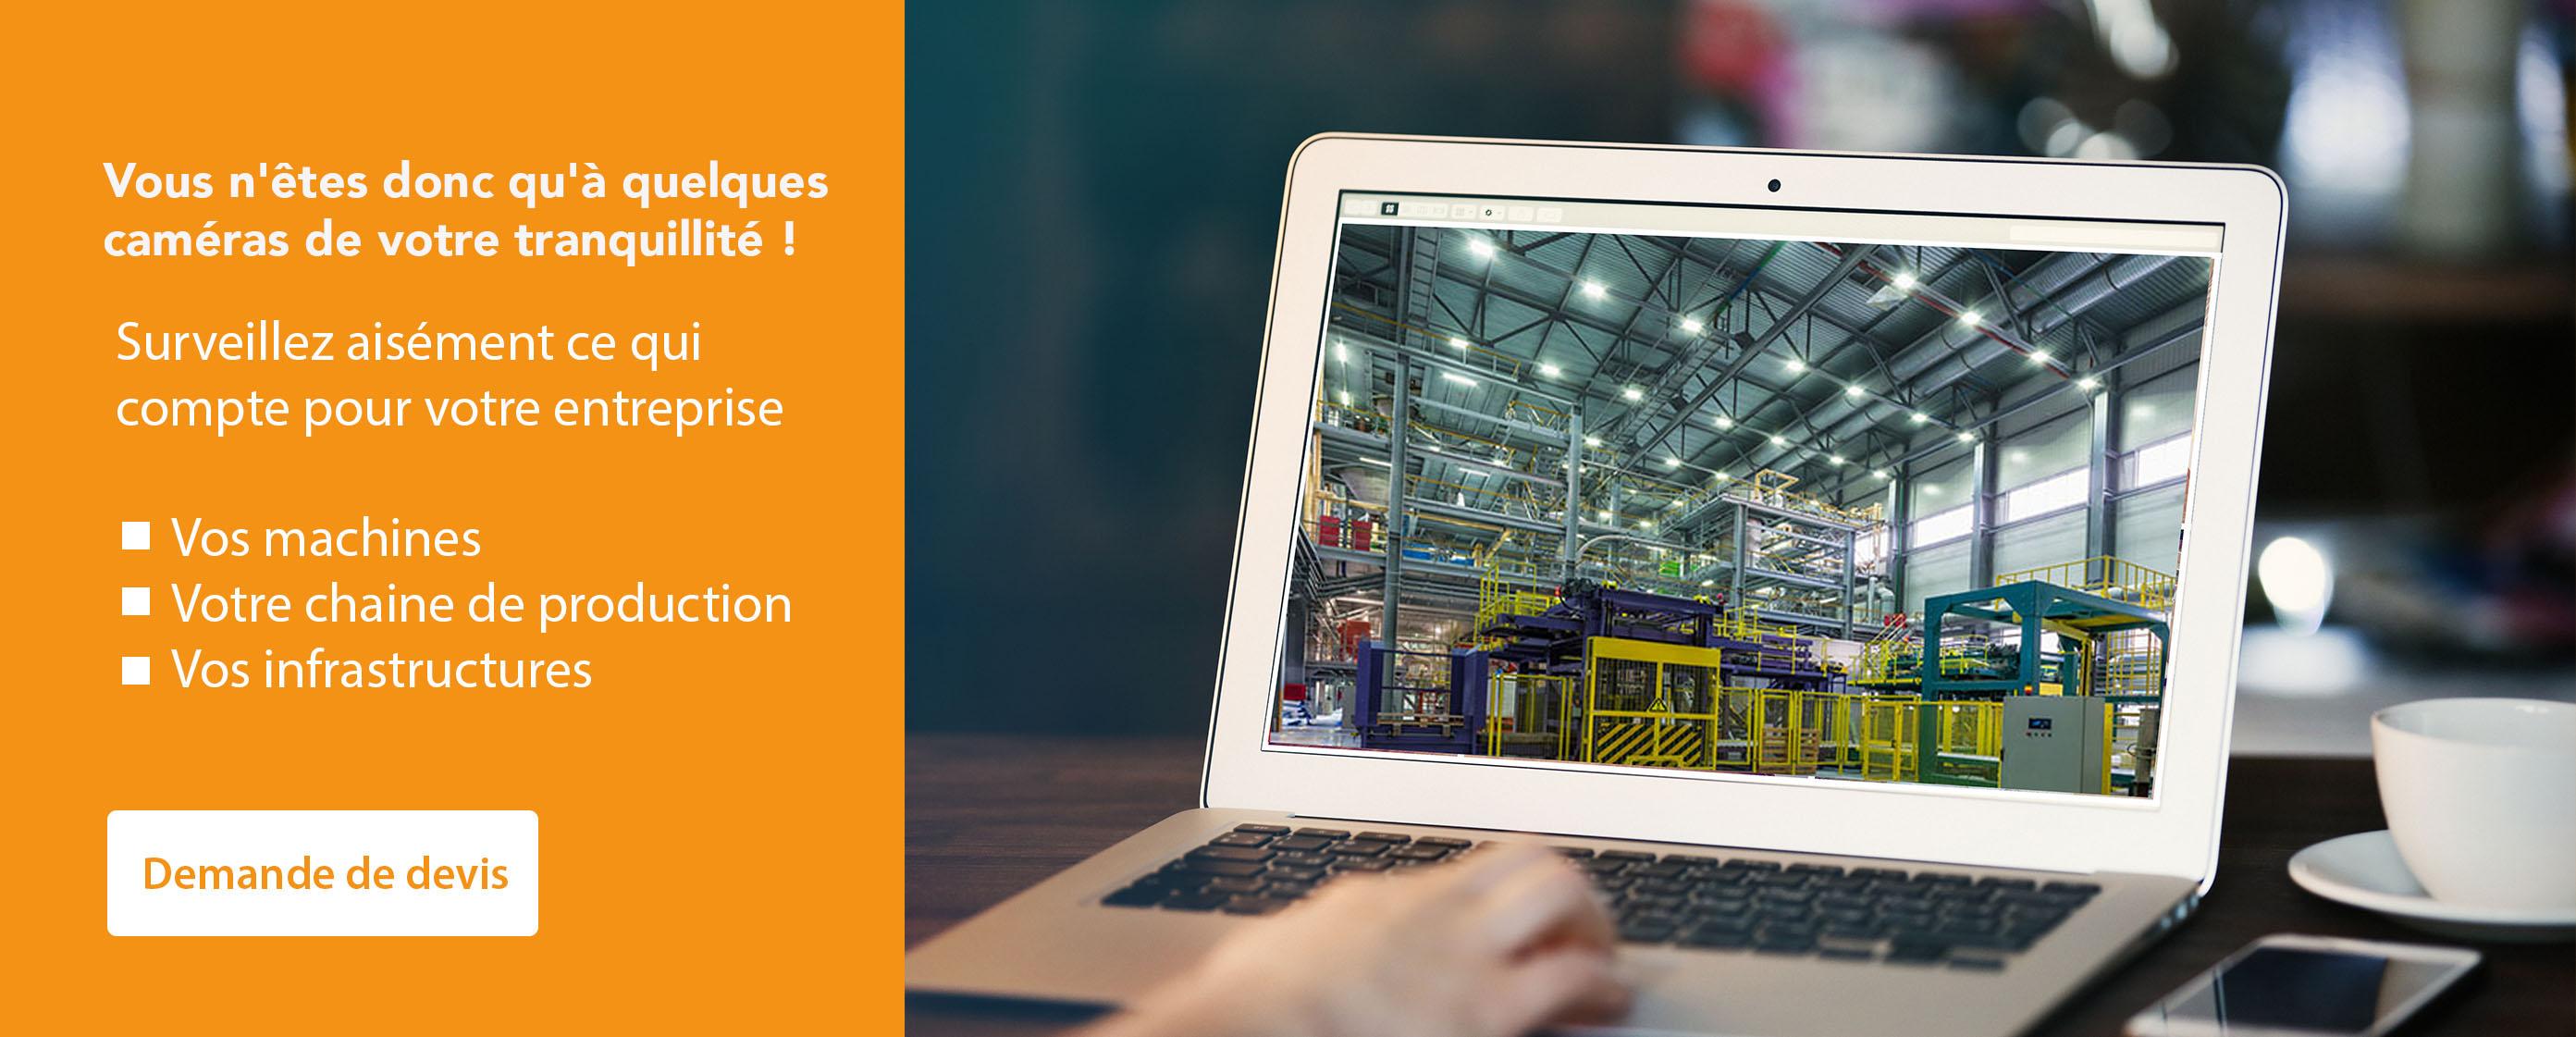 Vidéosurveillance industrie, usine et entrepôt - Systeo protection